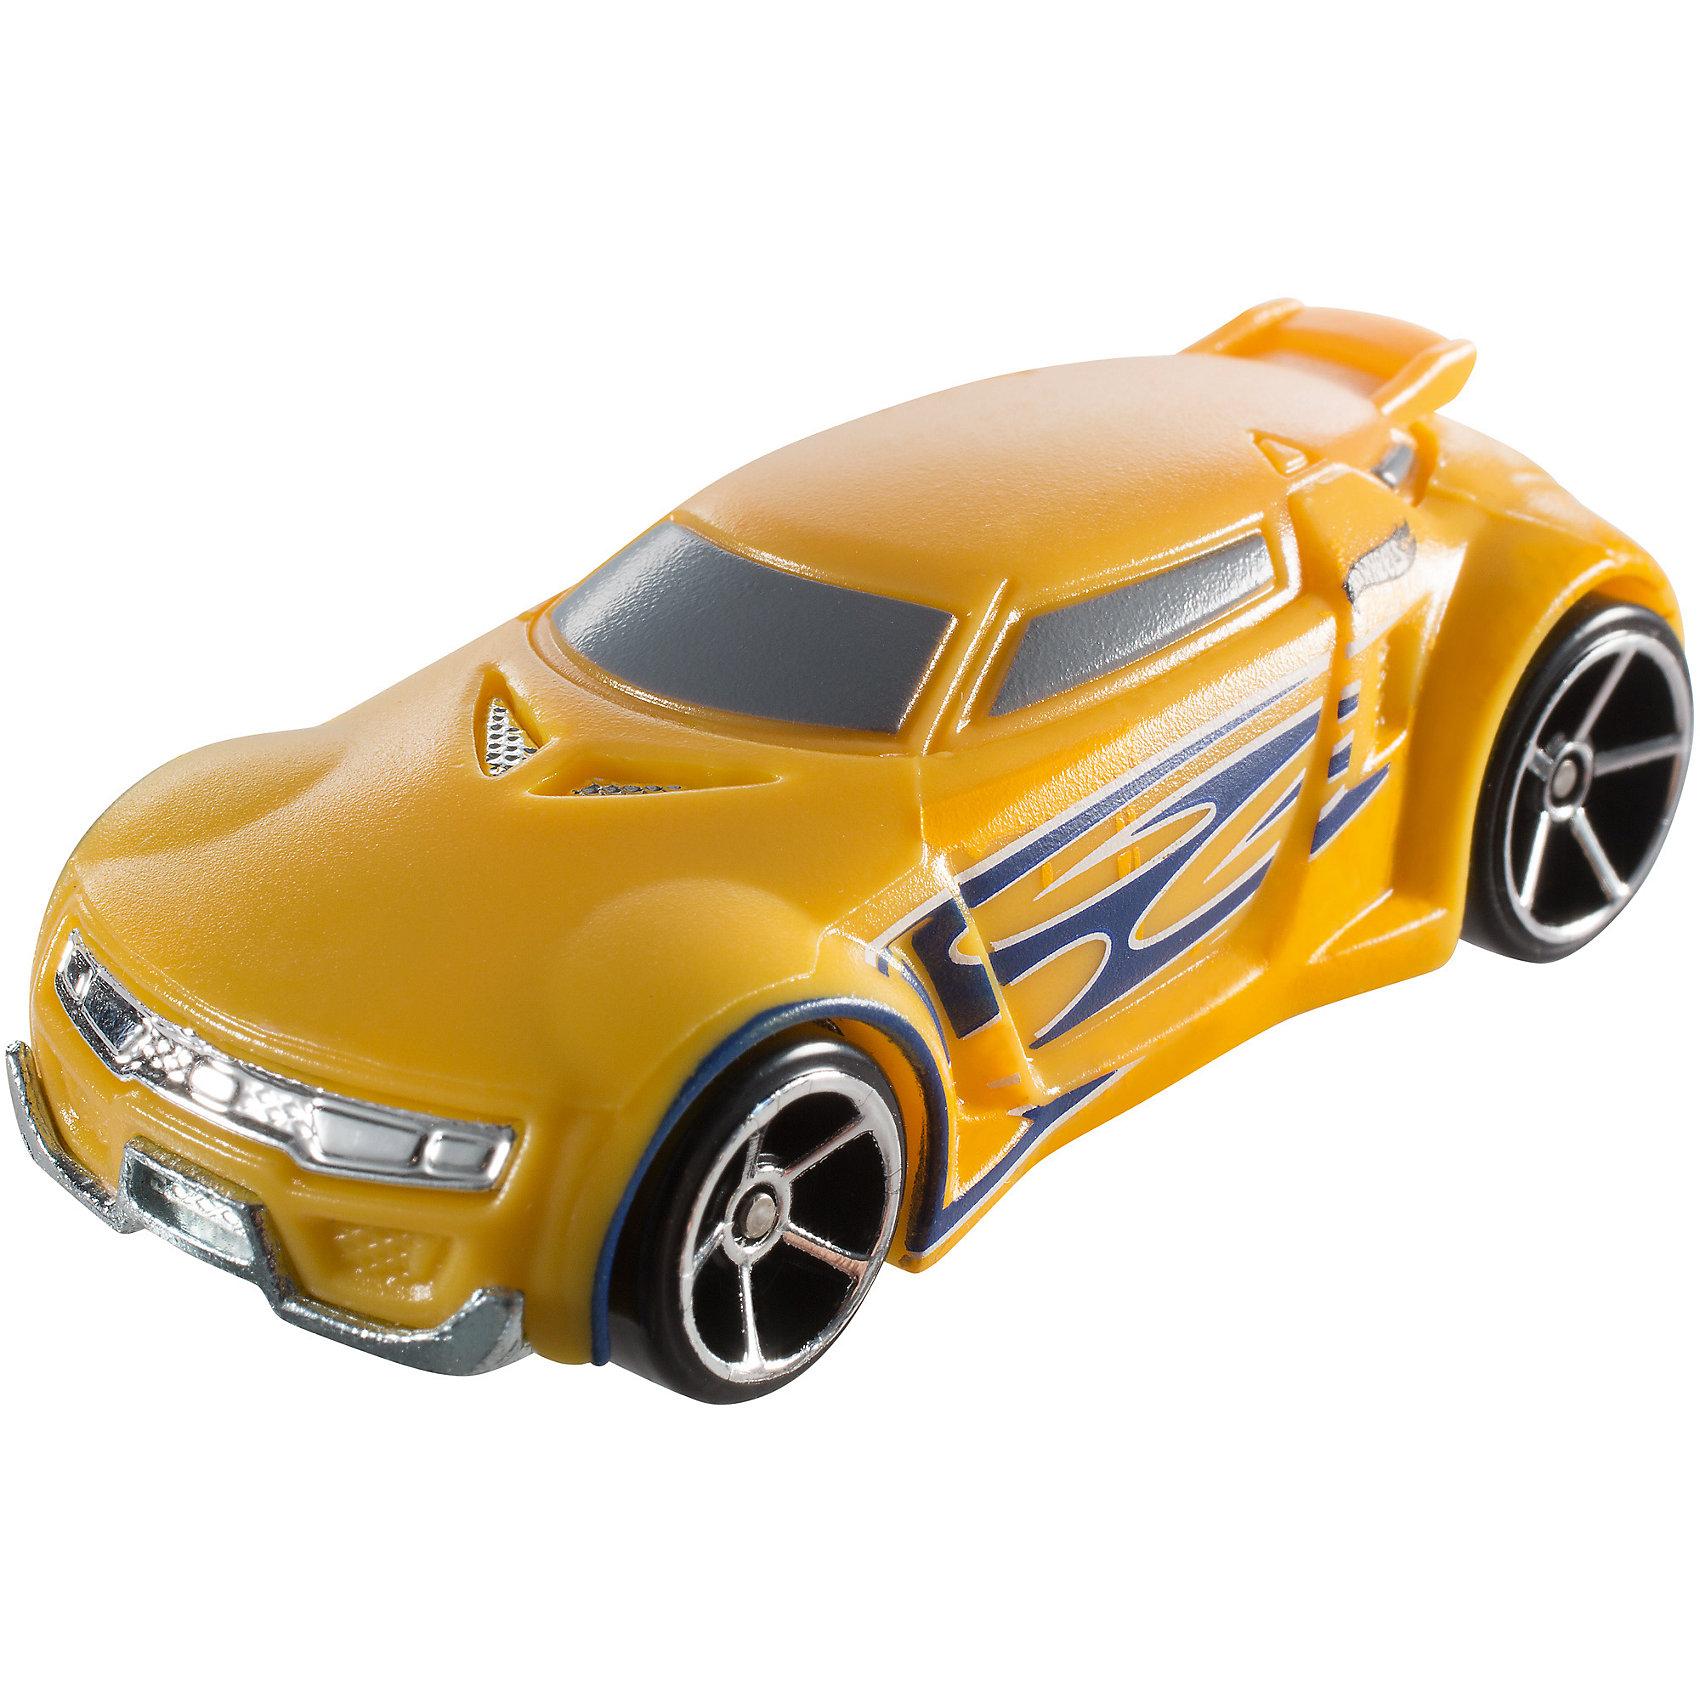 Меняющая цвет машинка COLOR SHIFTERS, Hot WheelsМашинки Hot Wheels радуют своих фанатов новыми моделями. Теперь Вашему малышу будет еще увлекательнее играть, ведь машинки серии Color Shifters меняют цвет! Нужно всего лишь подставить модель под струю воды, и Ваш мальчик увидит, как машина меняет цвет.<br><br>Дополнительная информация:<br><br>- возраст: от 3 лет.<br>- материал: металл, пластик.<br>- размер упаковки: 12*11*3 см.<br>- бренд: Mattel<br>- страна обладатель бренда: США.<br><br>Меняющую цвет машинку COLOR SHIFTERS, Hot Wheels (Хот вилс), можно купить в нашем магазине.<br><br>Ширина мм: 166<br>Глубина мм: 126<br>Высота мм: 32<br>Вес г: 47<br>Возраст от месяцев: 36<br>Возраст до месяцев: 84<br>Пол: Мужской<br>Возраст: Детский<br>SKU: 5047654